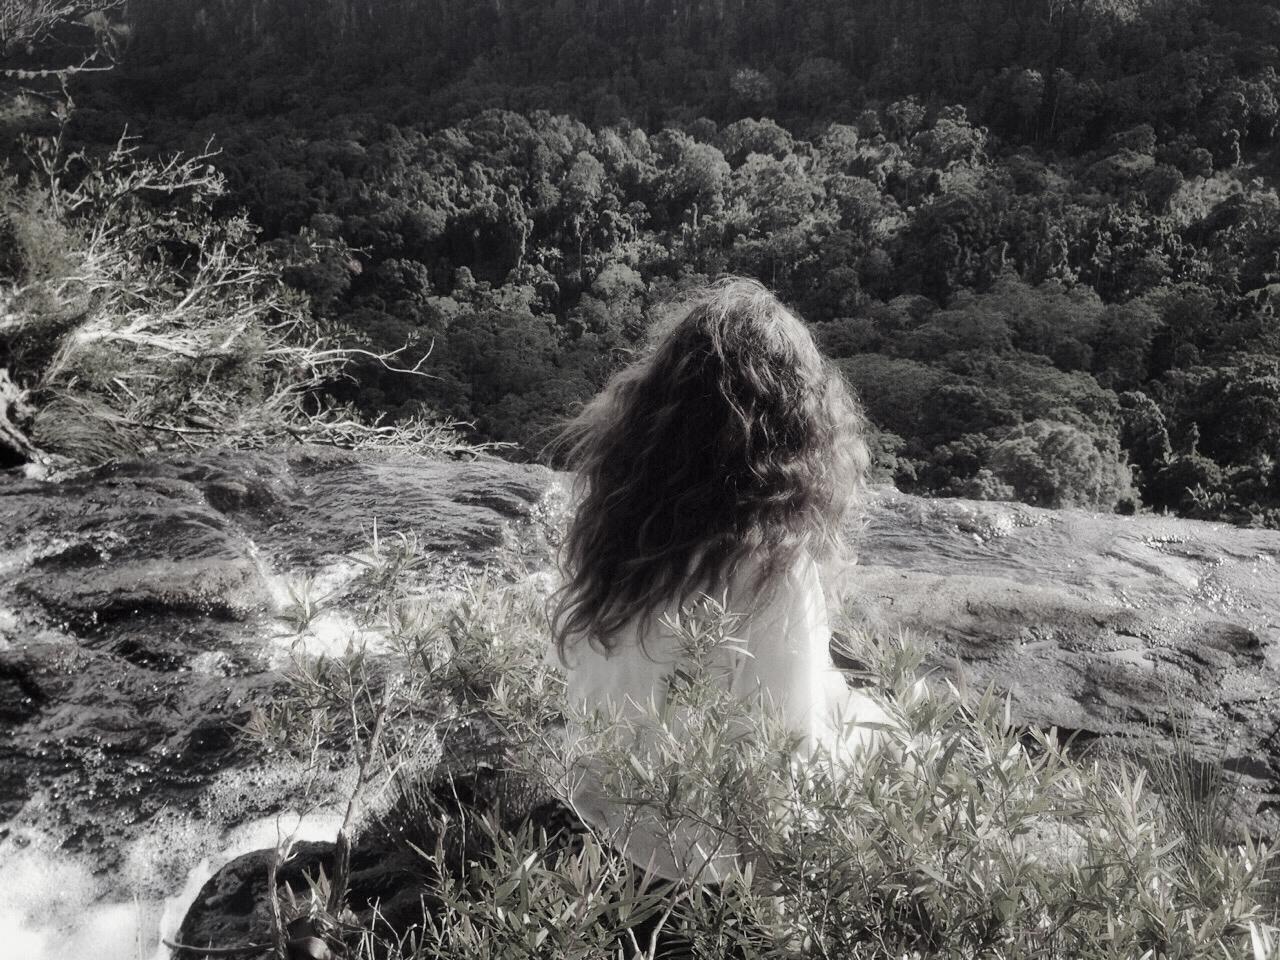 Ania_zoltkowski_sustainability_spirituality2_bw.jpg